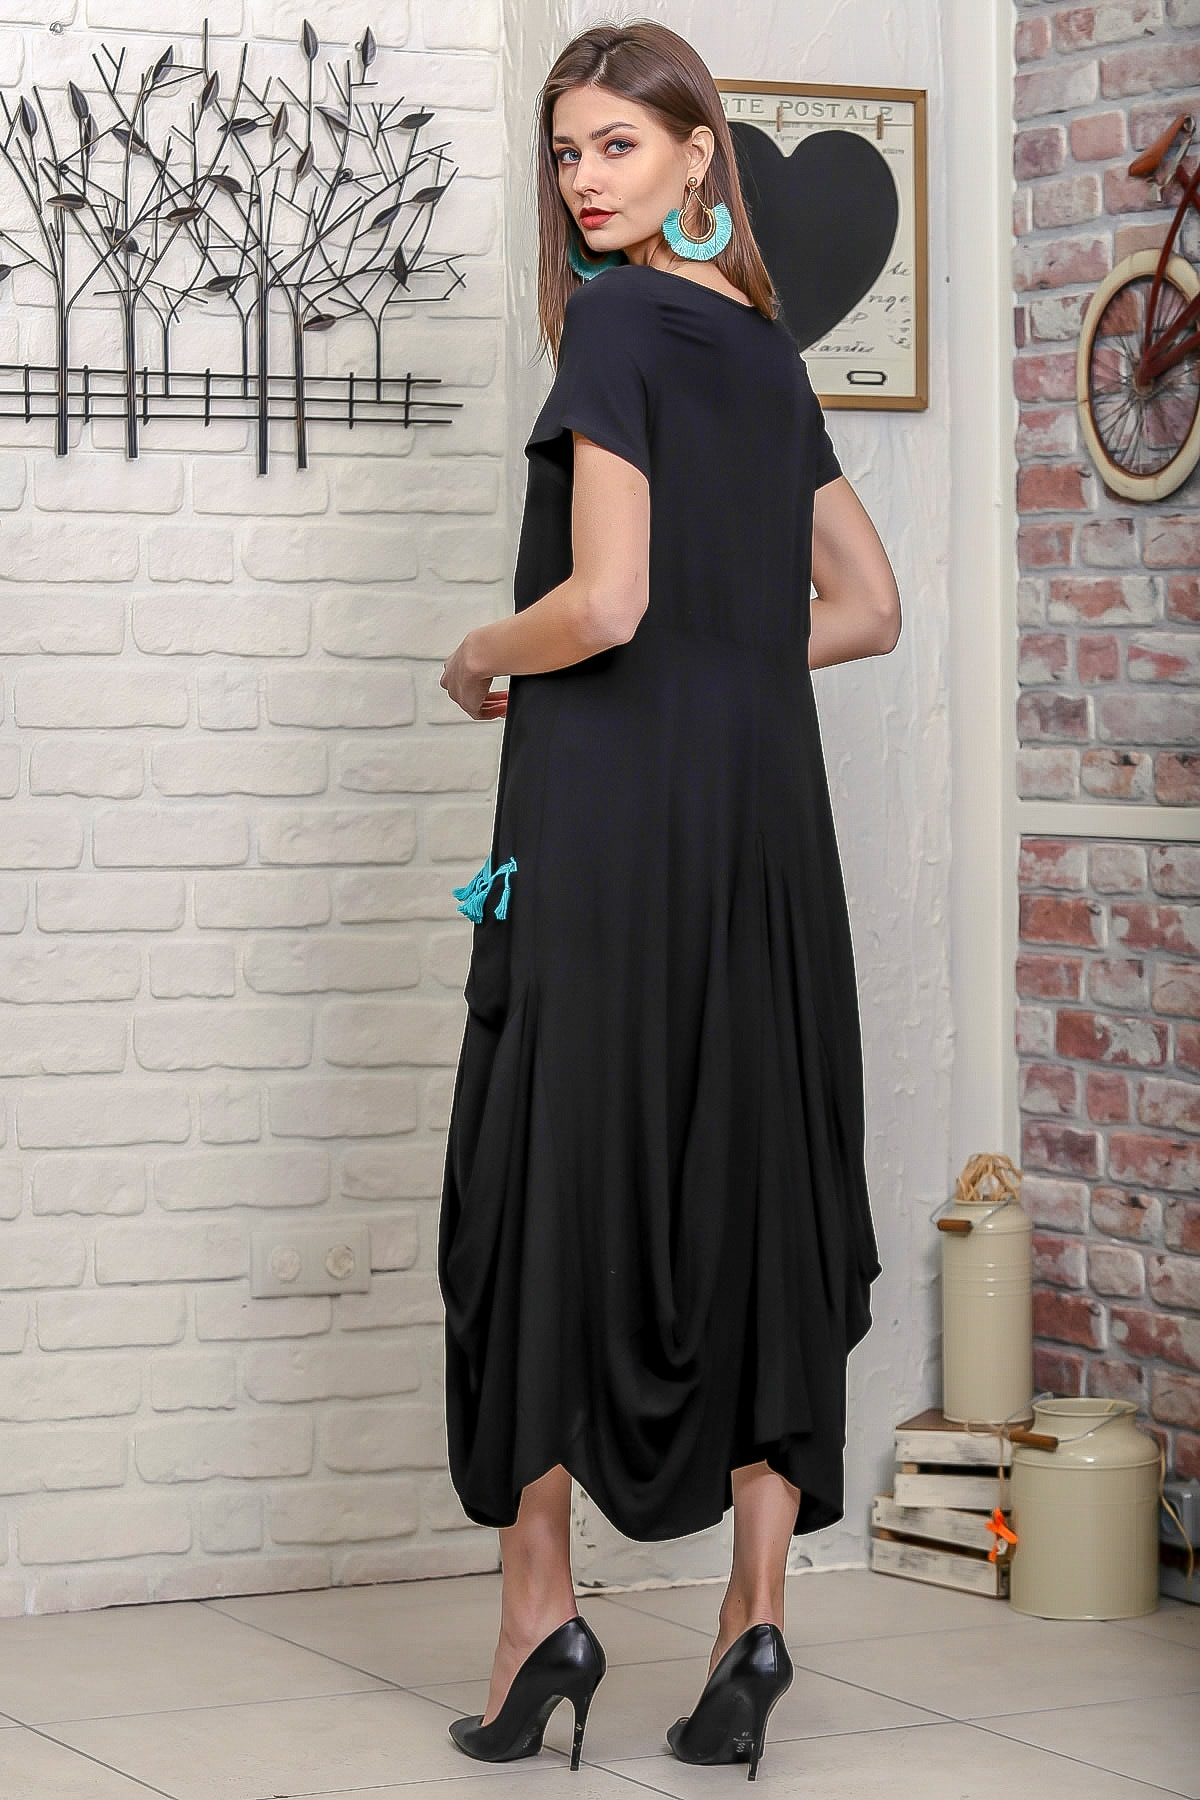 Chiccy Kadın Siyah Ottoman Yelpaze Nakışlı Cepleri Püsküllü Asimetrik Salaş Elbise 4